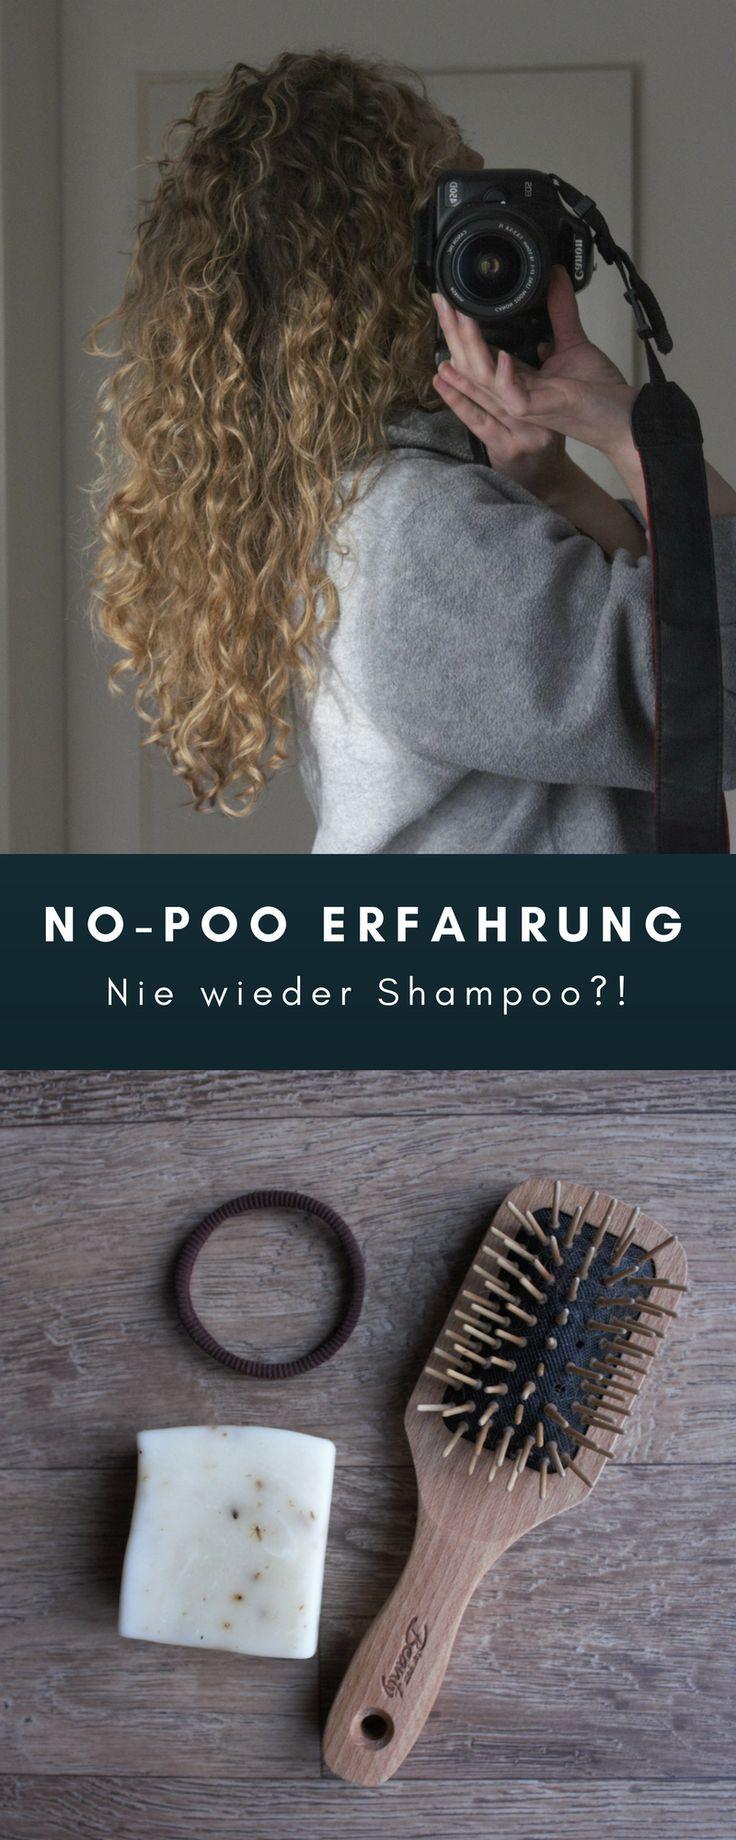 Nie wieder Shampoo?! // Erfahrung mit No-Poo - vegmitdemfleisch